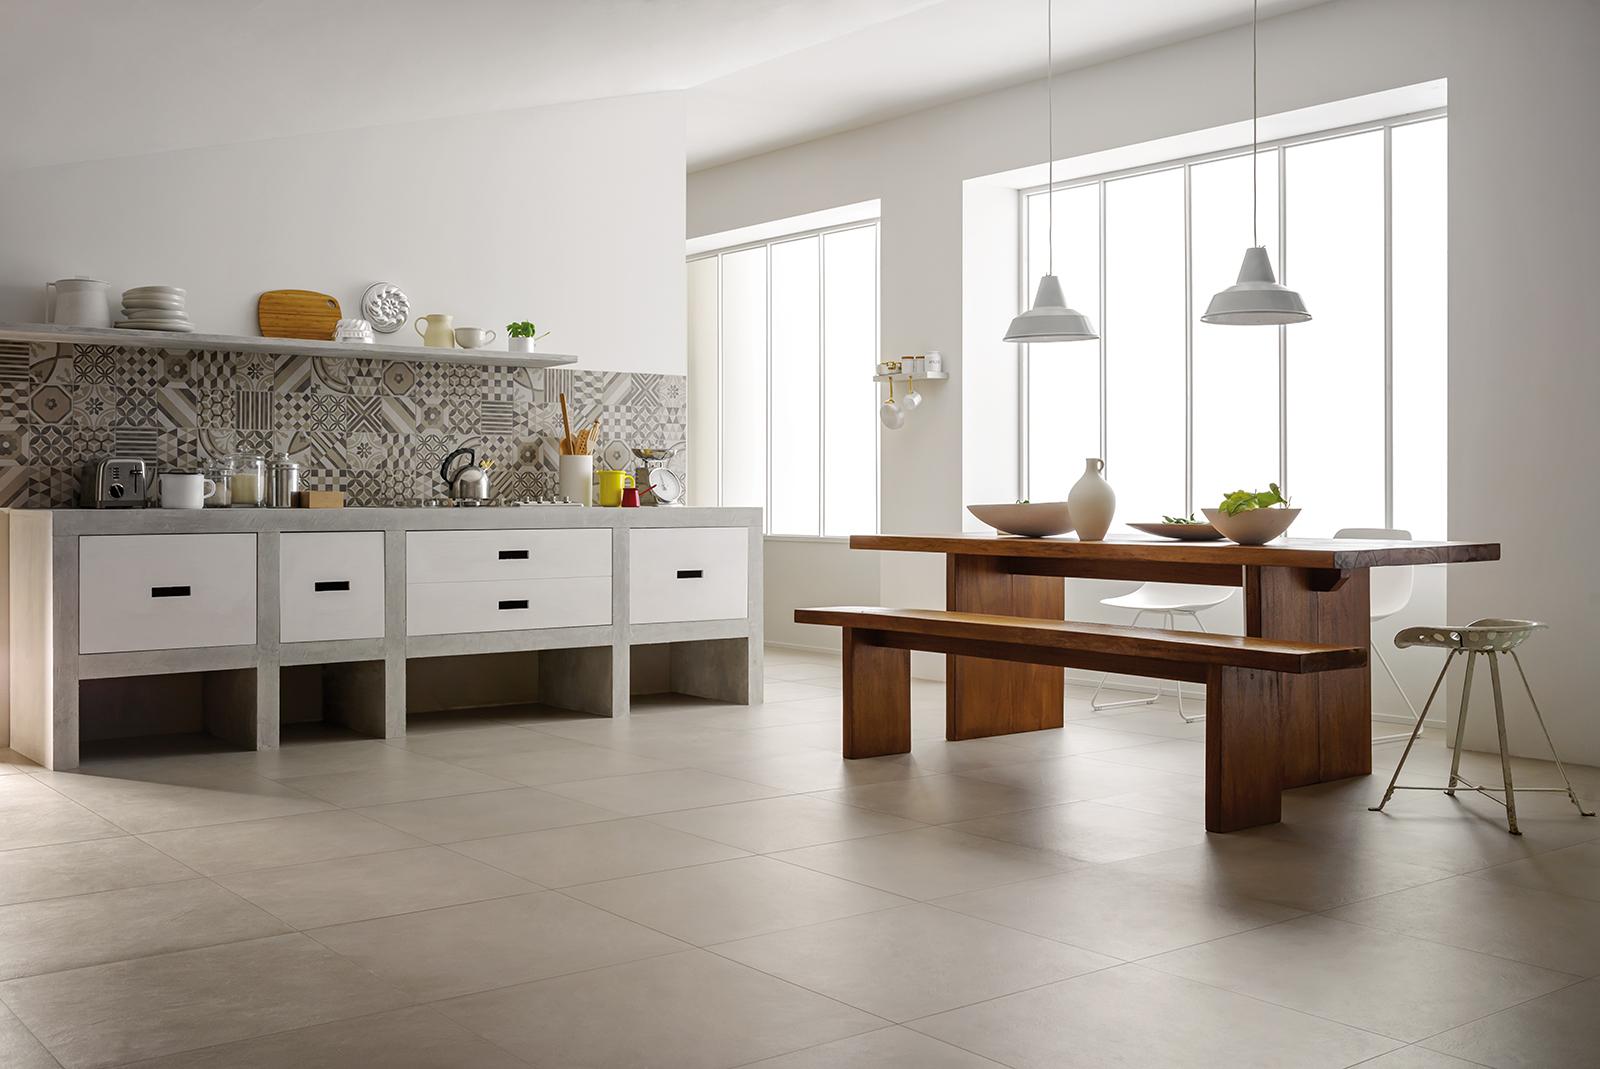 Piastrelle Cucina: idee e soluzioni in ceramica e gres